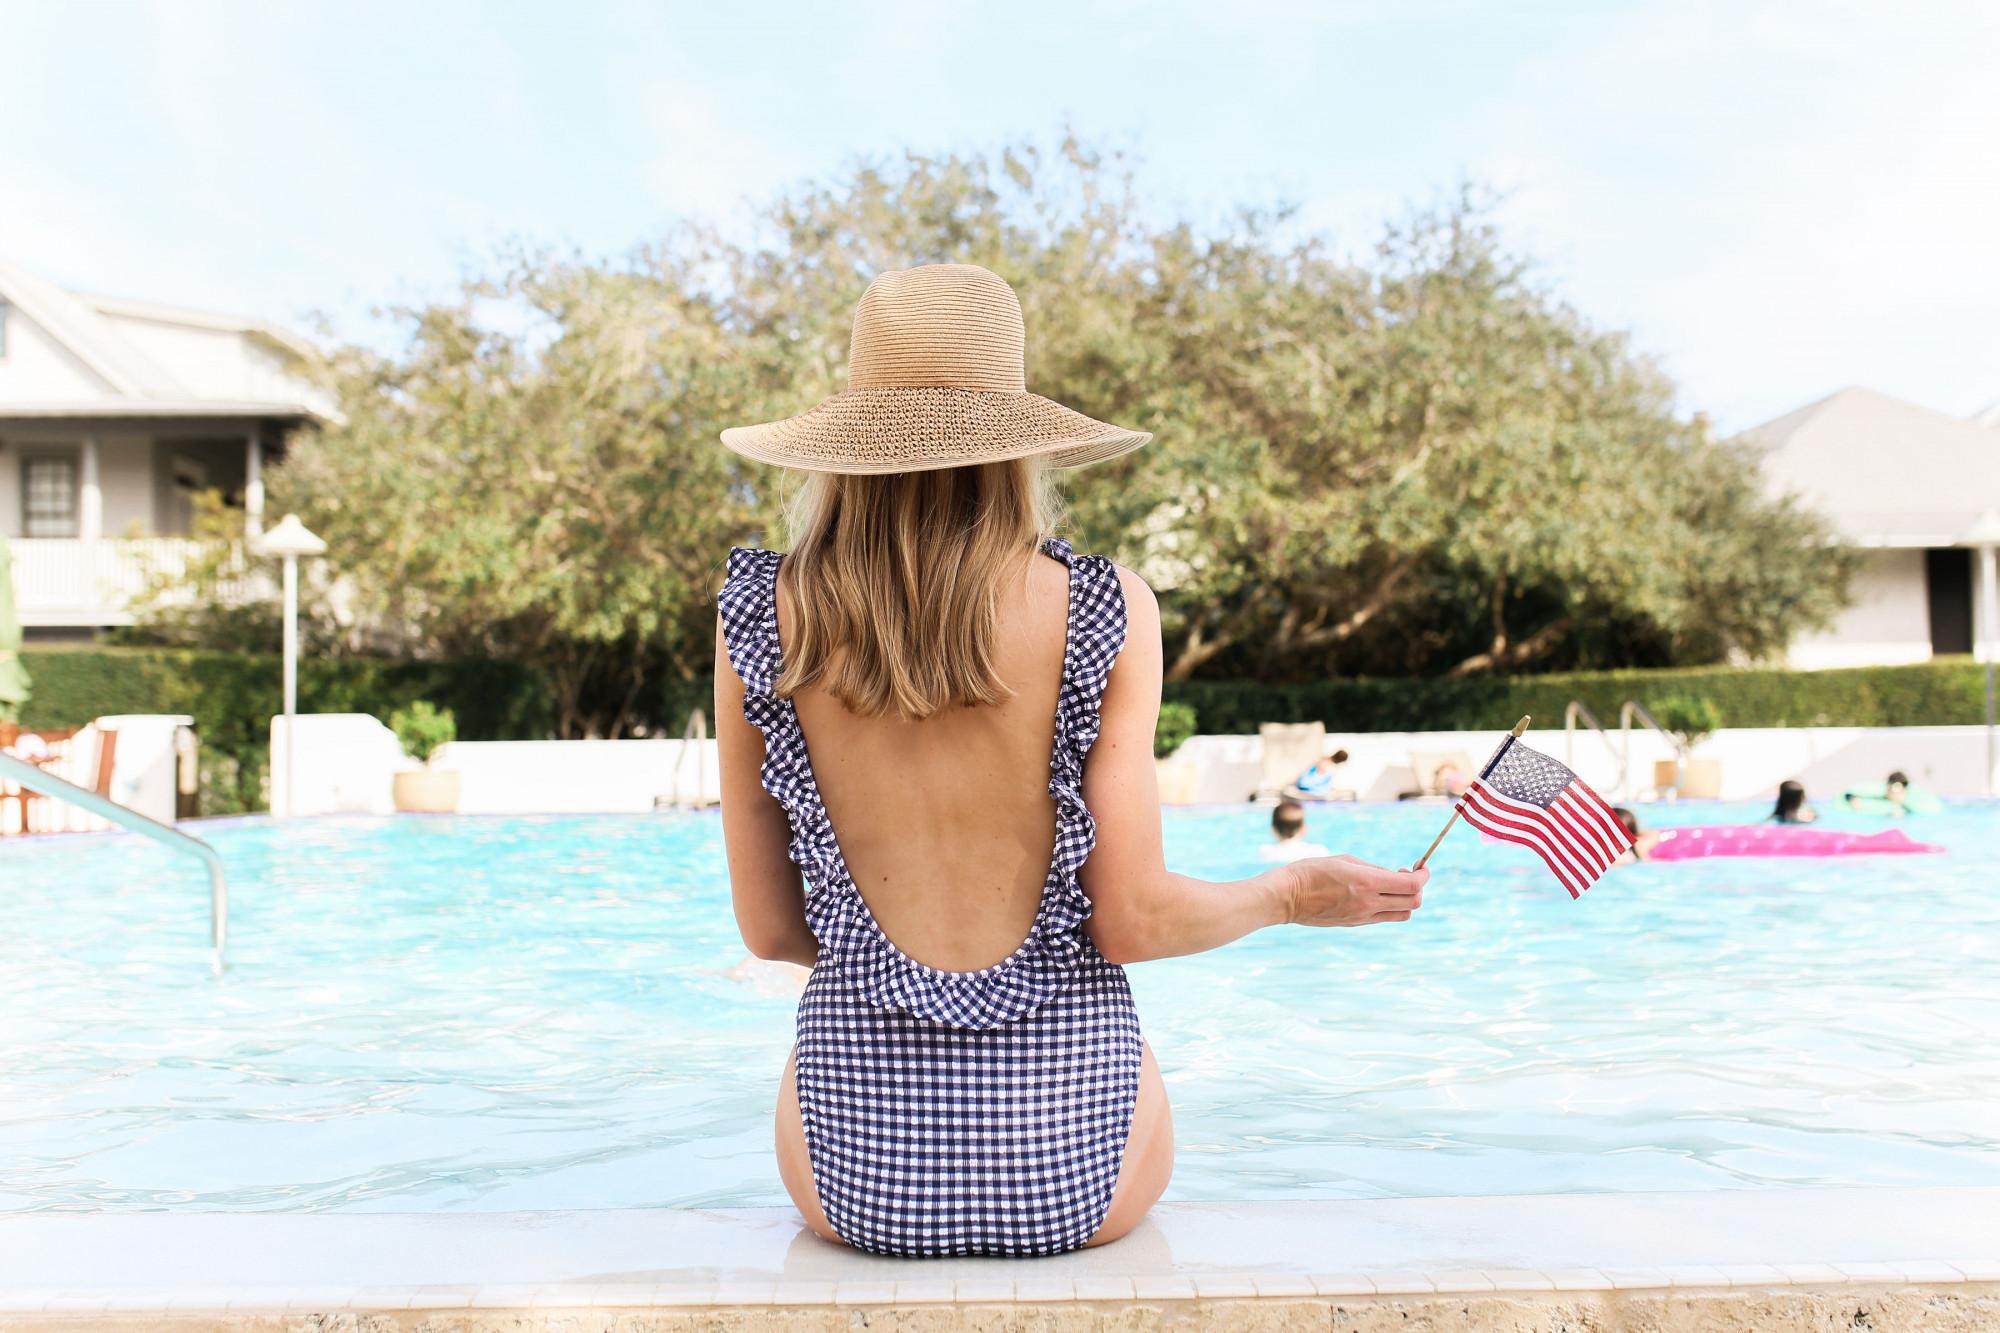 J. Crew swimsuit